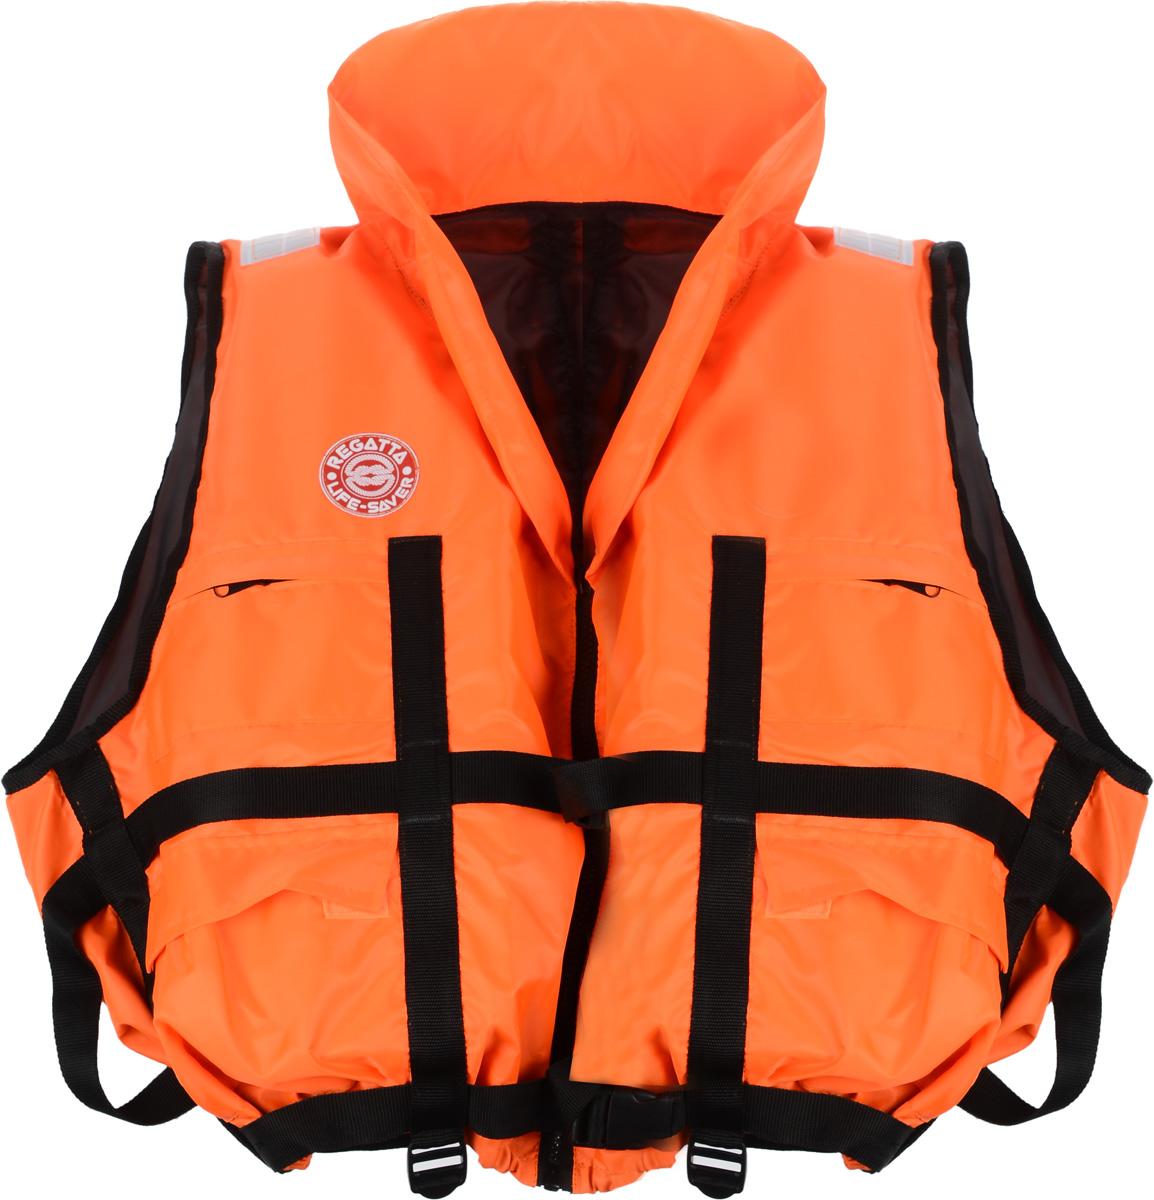 Жилет спасательный Плавсервис Regatta, цвет: оранжевый. Размер 66-72, вес до 140 кг57556Жилет Плавсервис Regatta - серьезно заявляет свои намерения на спасение человеческой жизни на водах. Более функциональный и эргономичный жилет за счет изменения конструкции спинки и проймы, которая позволила обеспечить наиболее полное облегание тела владельца и усилила надежность правильной фиксации этого жилета при попадании человека в воду. В воде с помощью элементов плавучести этот жилет перевернет владельца в положение лицом вверх и удержит под углом к горизонту так, чтобы обеспечить безопасное положение головы над водой. В комплект жилета входят регулировочные ремни, светоотражающие полосы, карманы, молния, свисток, подголовник с воротником. На груди предусмотрено два кармана на молнии, а также имеются два удобных объемных боковых кармана с клапаном на липучке. Высокий подголовник хорошо держит голову владельца на плаву и в тоже время обладает достаточной гибкостью для складывания жилета при транспортировке. Лямка выполнена из...